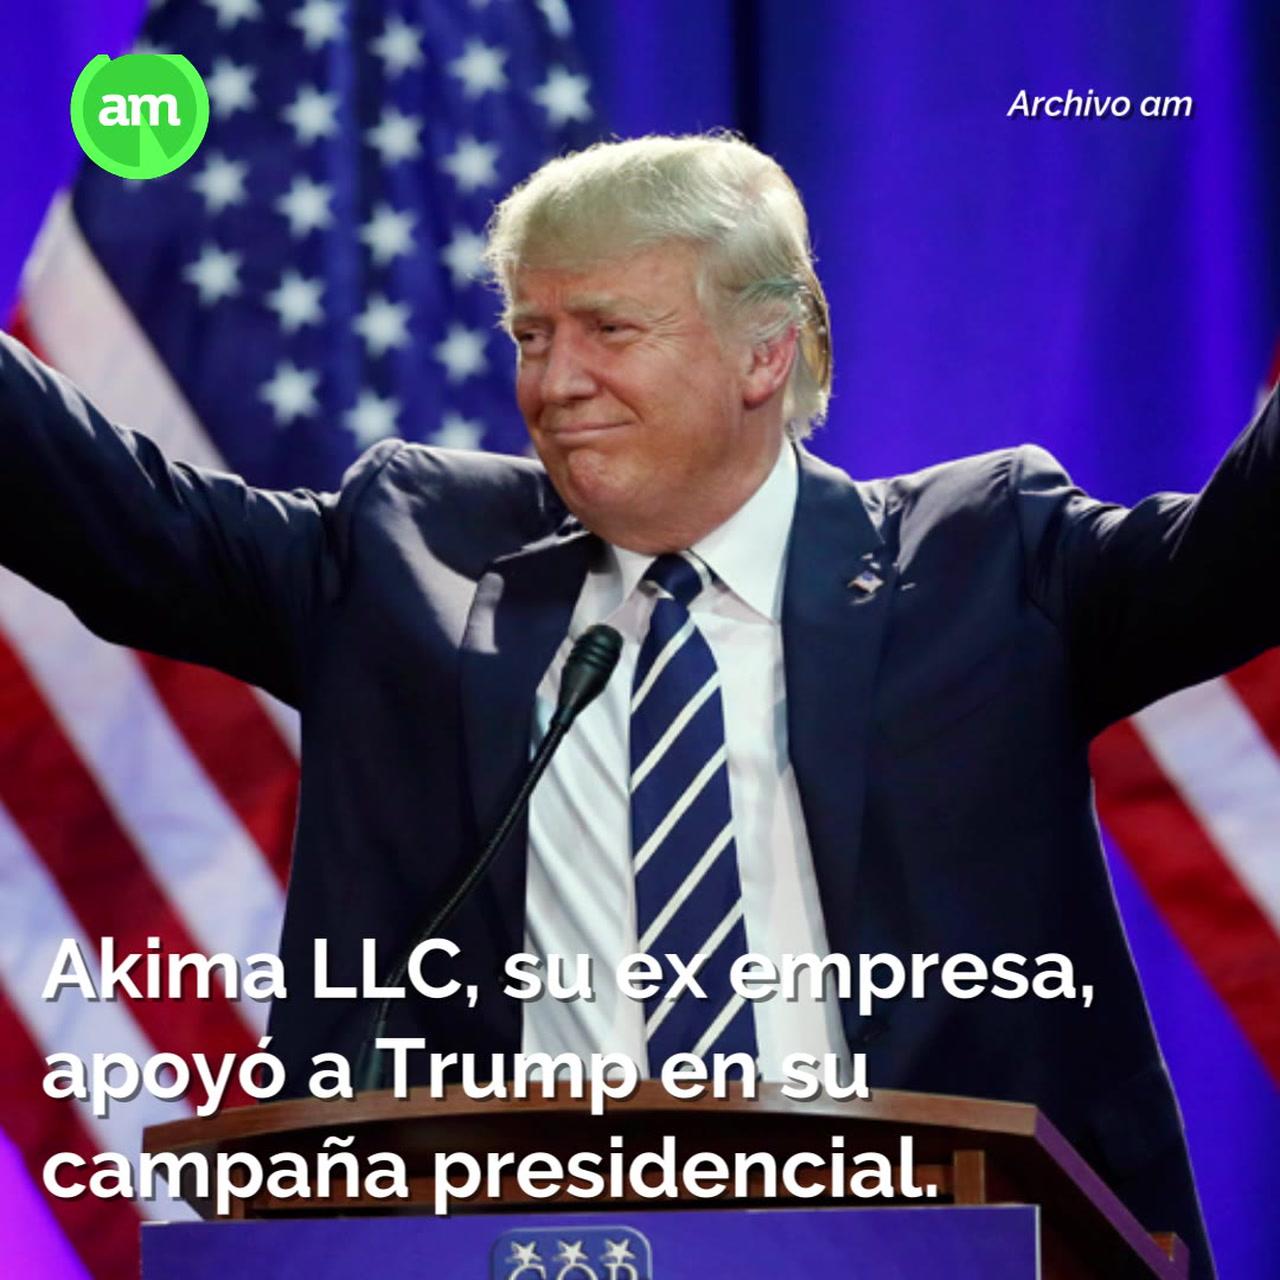 La despiden por insultar a Donald Trump